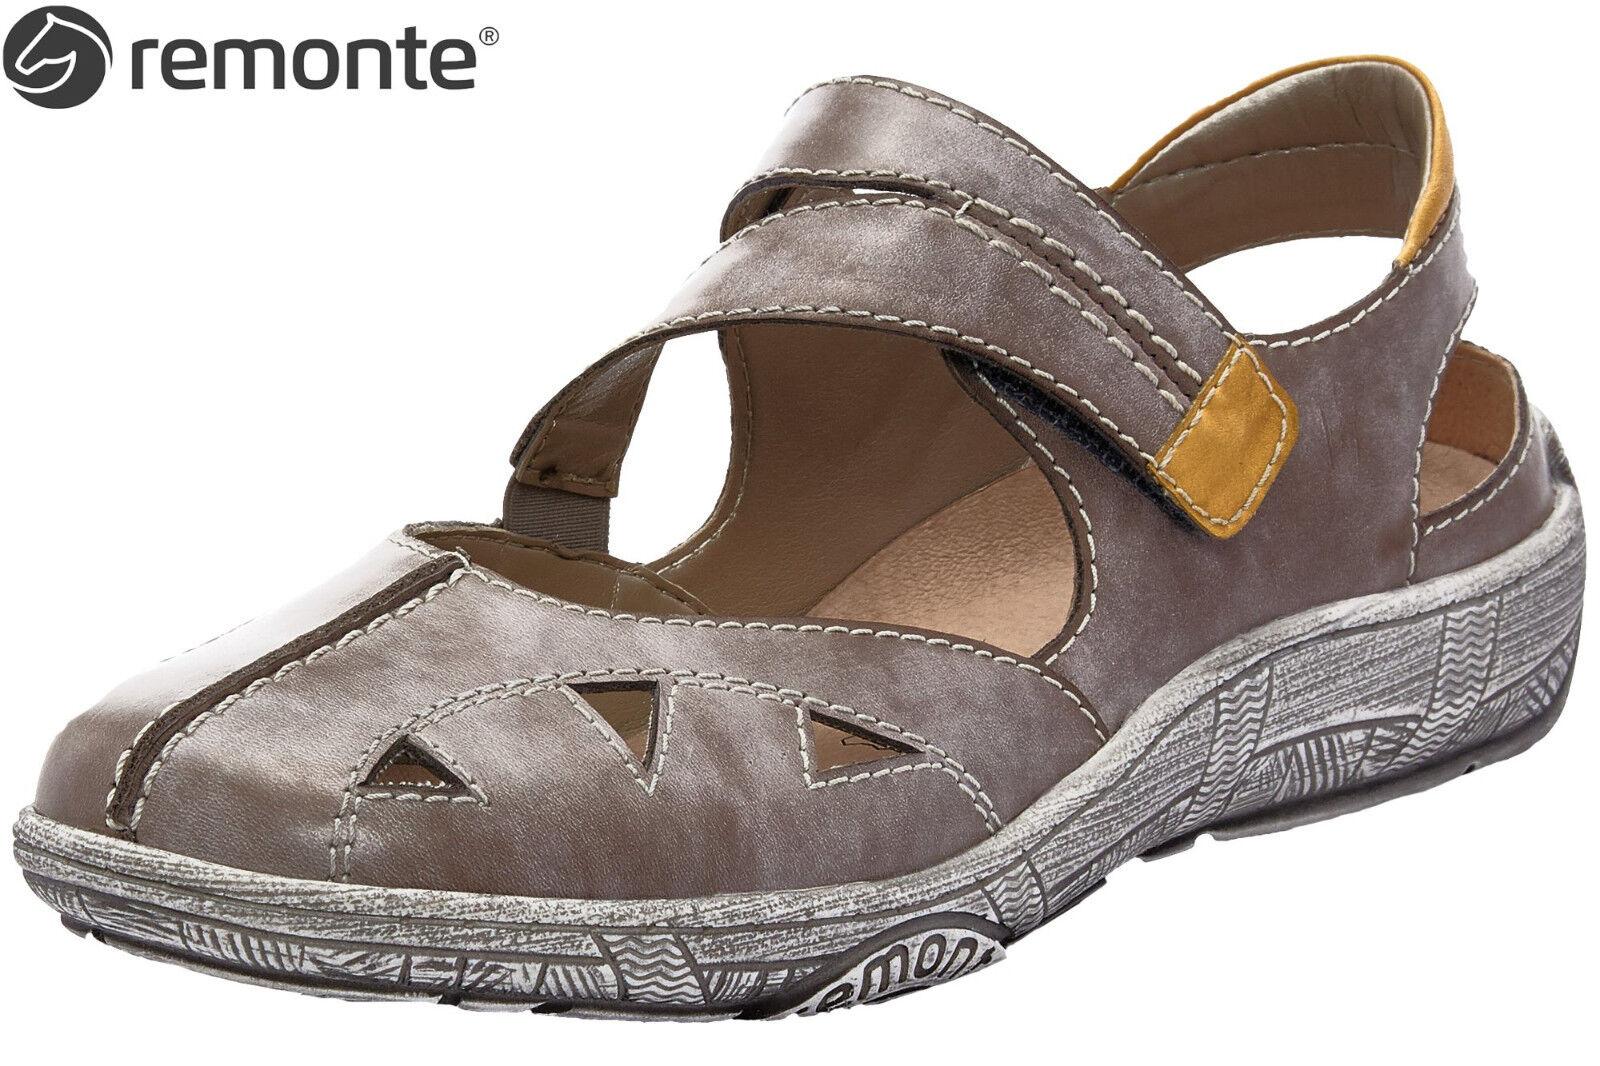 Remonte Damen Slipper D3814-45 Grau Leder Komfort Sandalee lose Einlage Schuhe